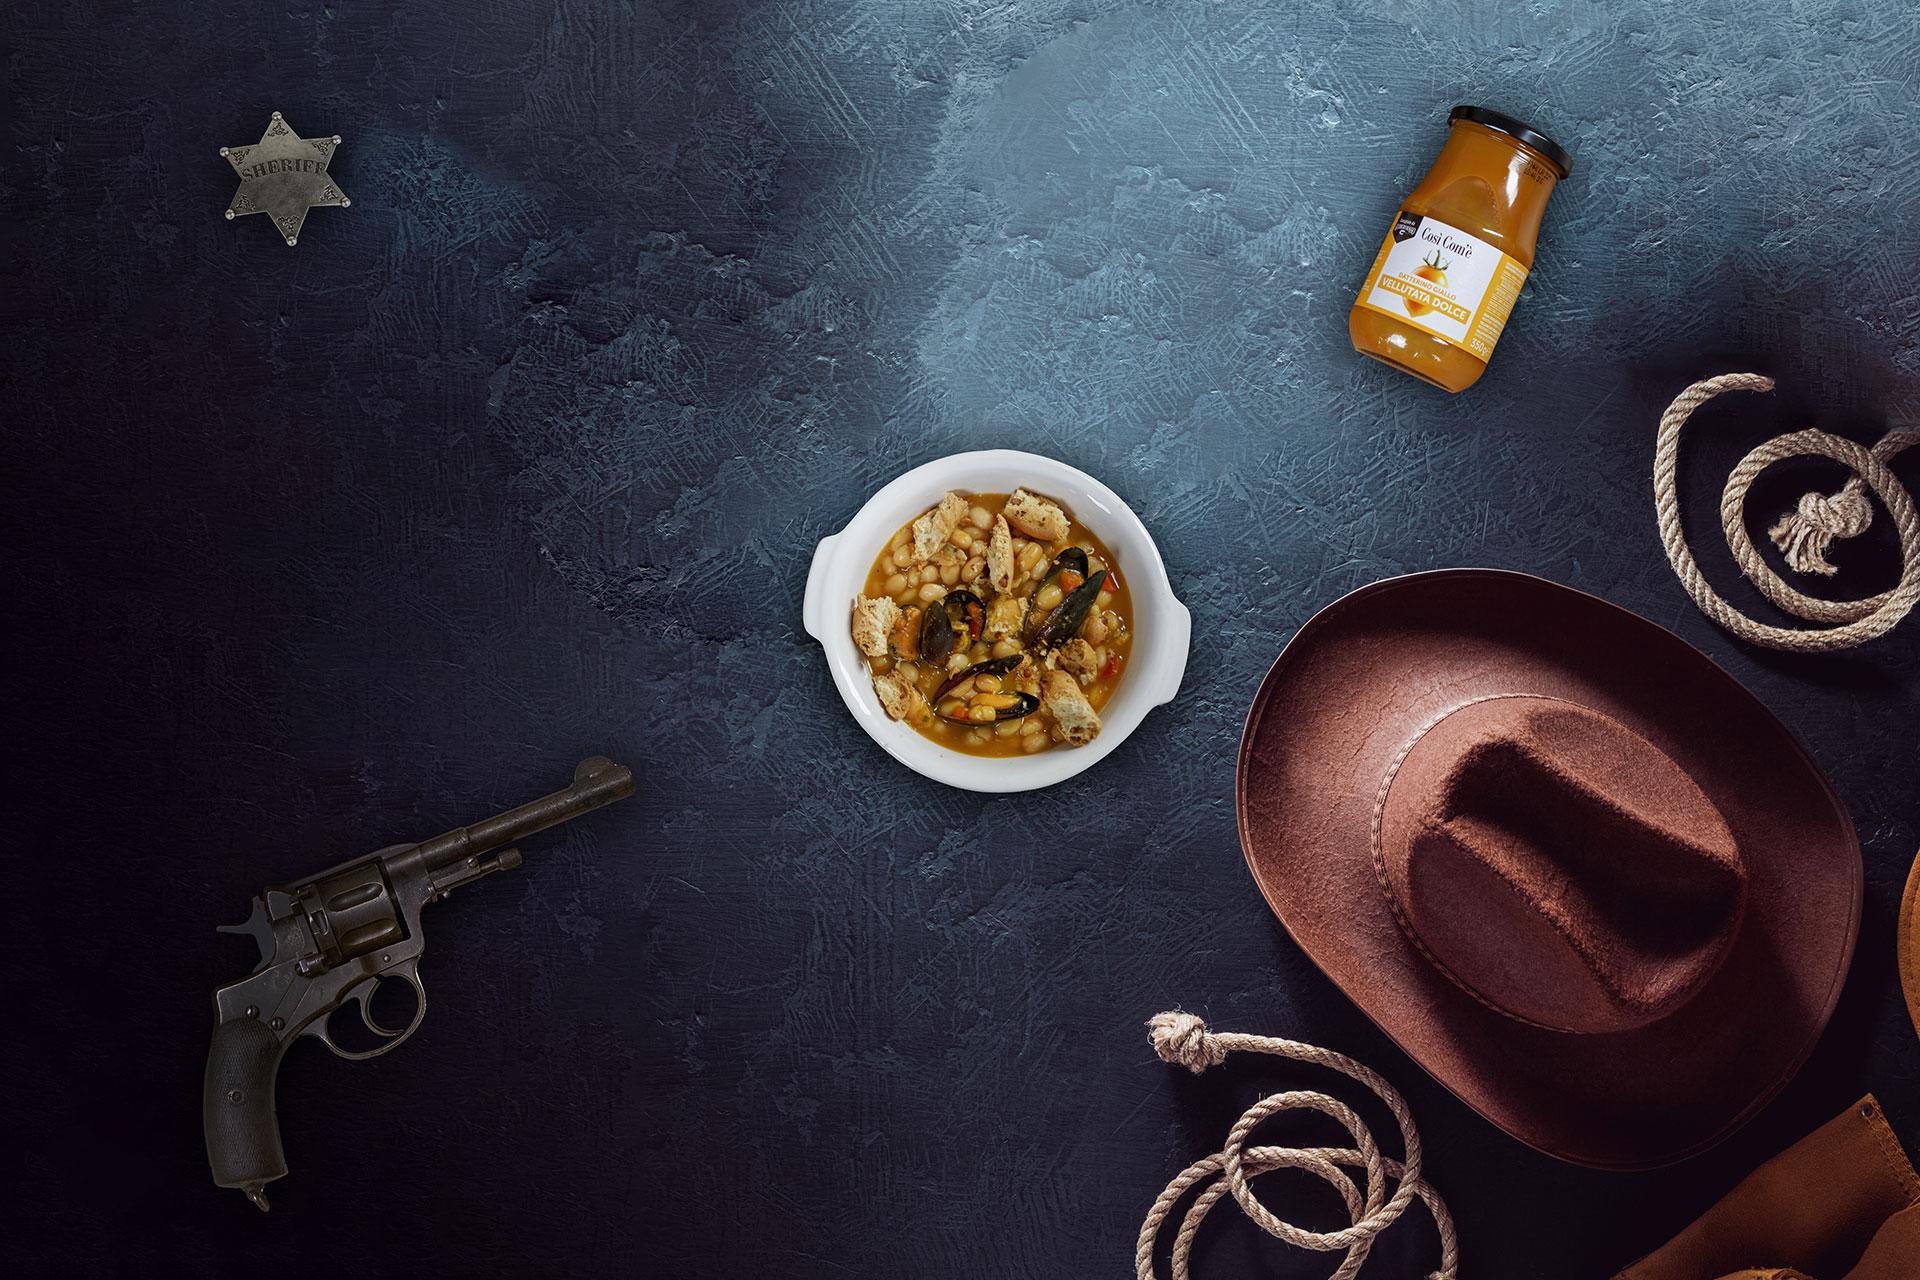 Lo chiamavano Trinità: Fagioli e cozze con vellutata dolce di Datterino giallo